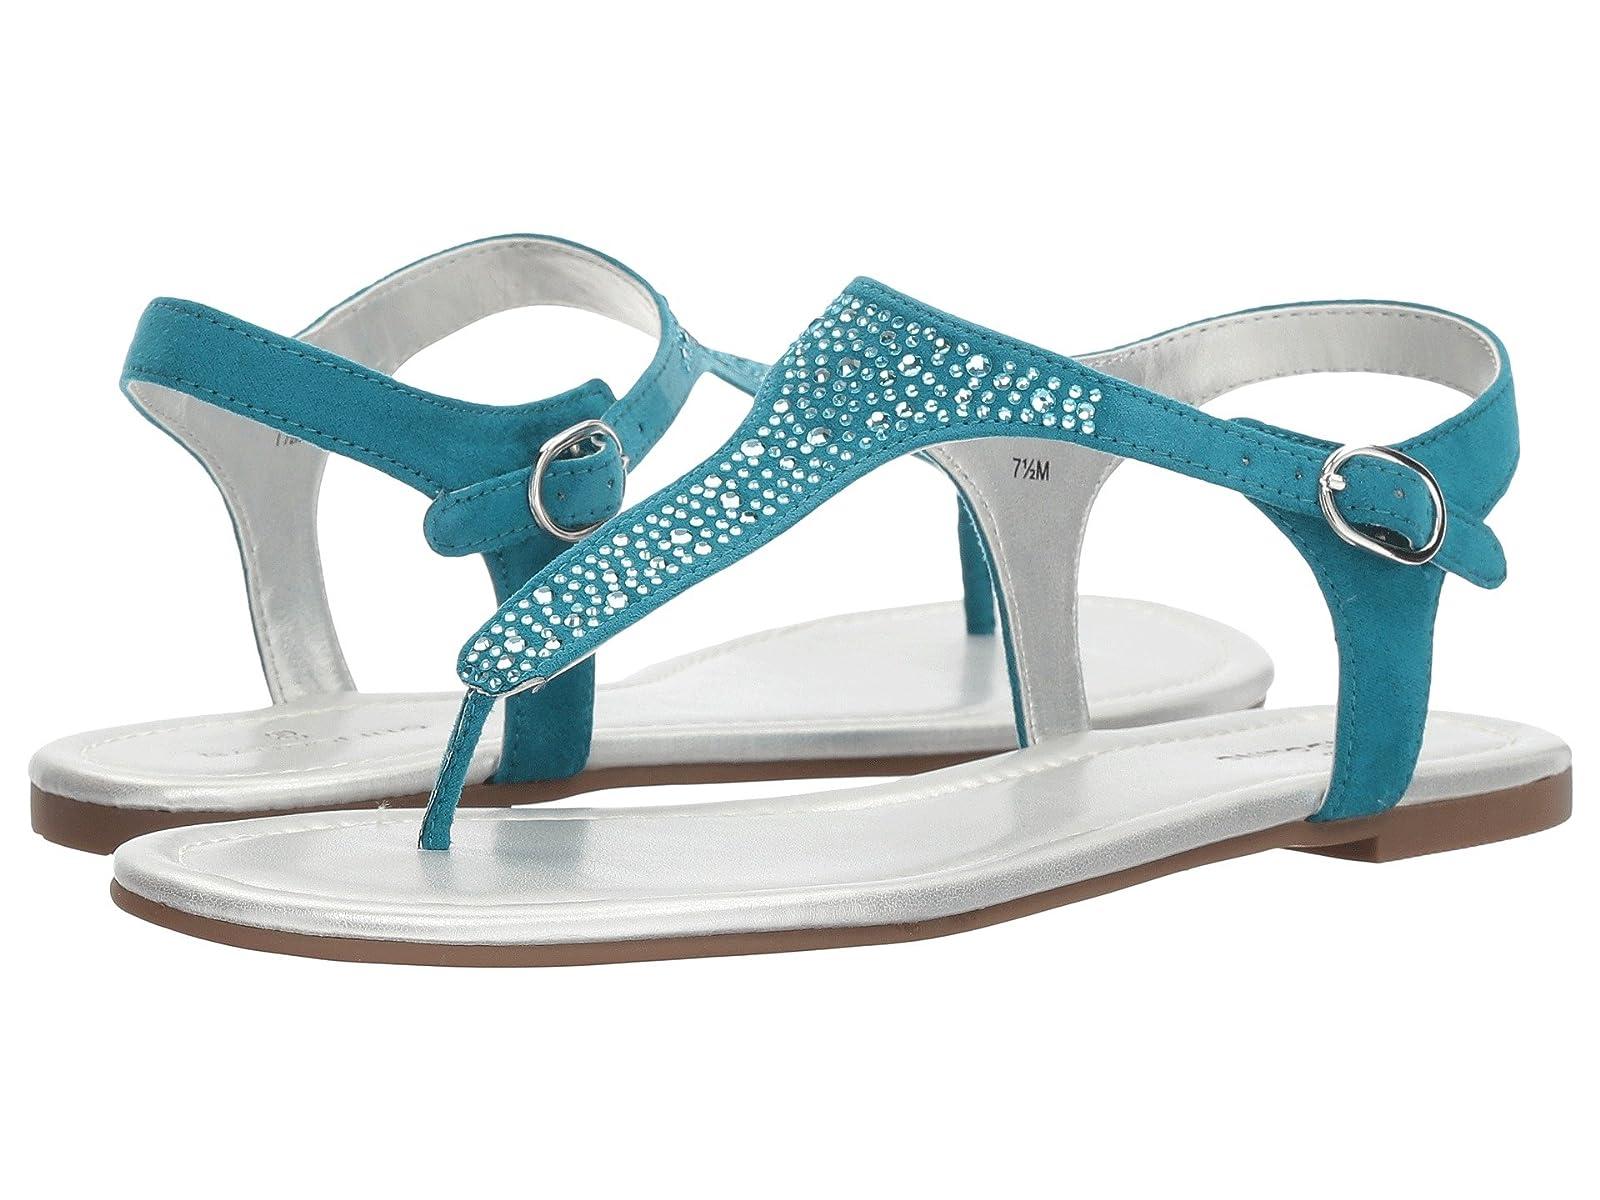 Bandolino KyrieComfortable and distinctive shoes